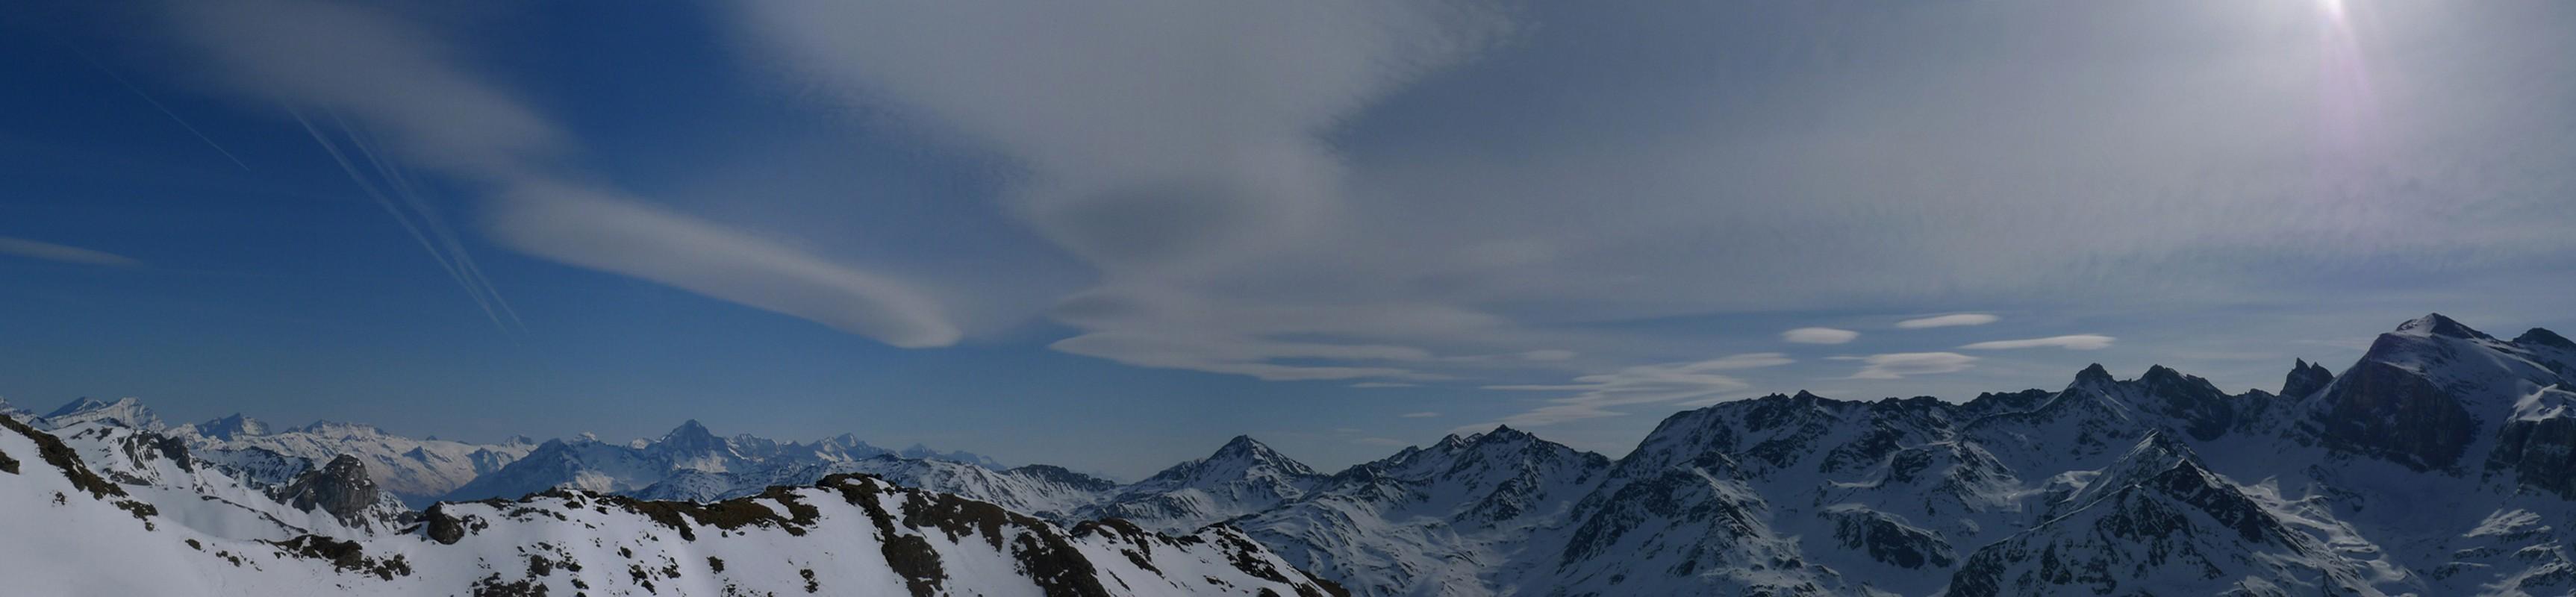 Turtmannhütte / Cabane Tourtemagne  Walliser Alpen / Alpes valaisannes Switzerland panorama 10